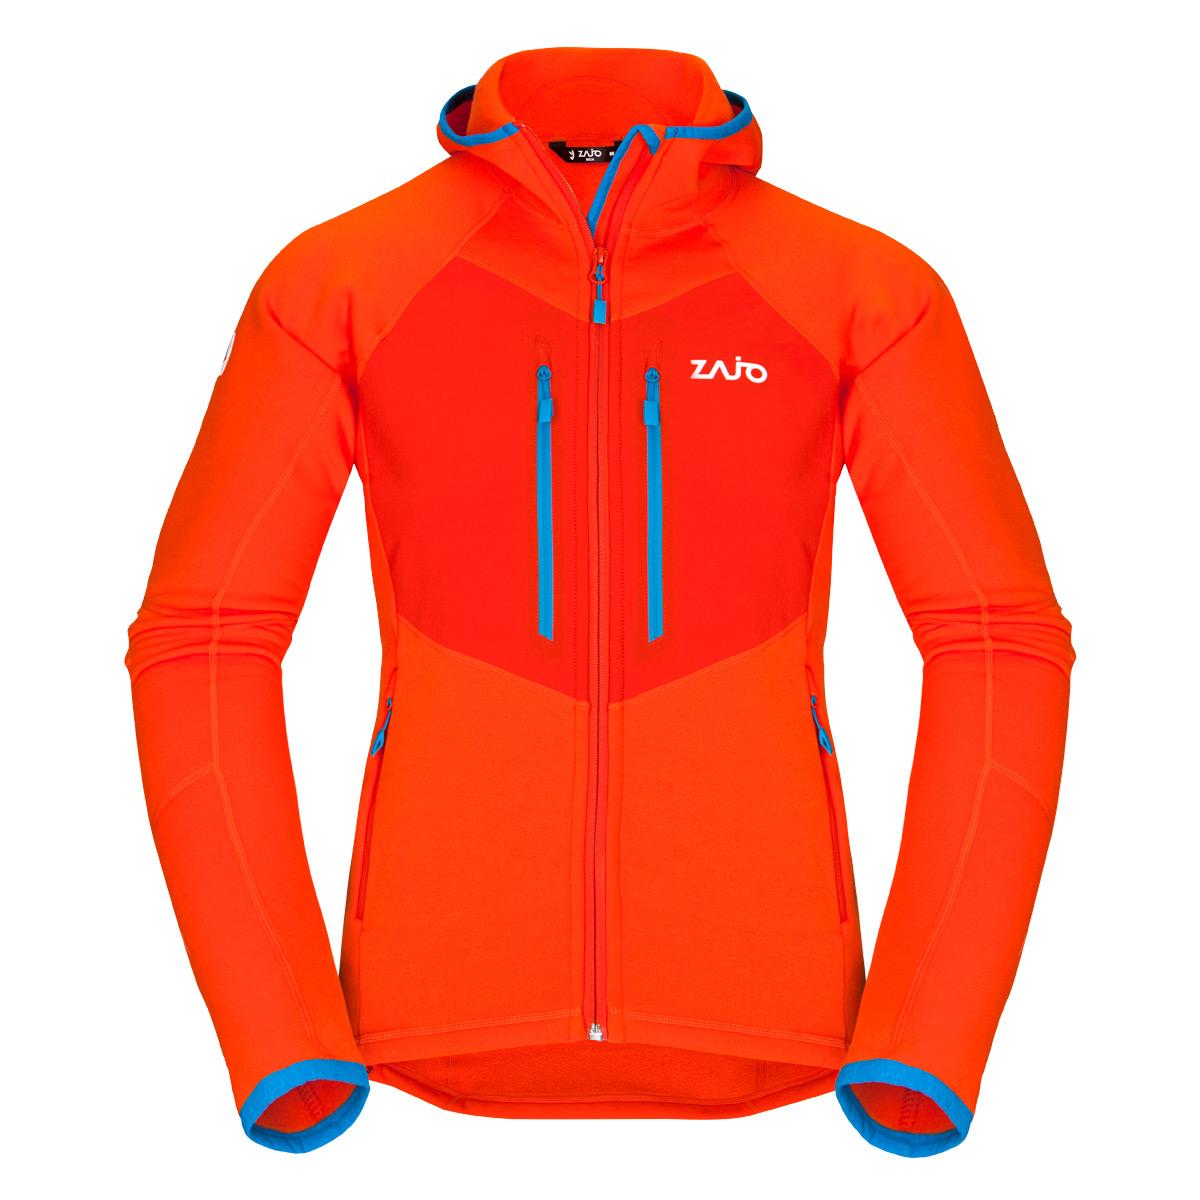 c459f5d85706 Pánska bunda Zajo Glacier Neo JKT Flame - veľkosť L